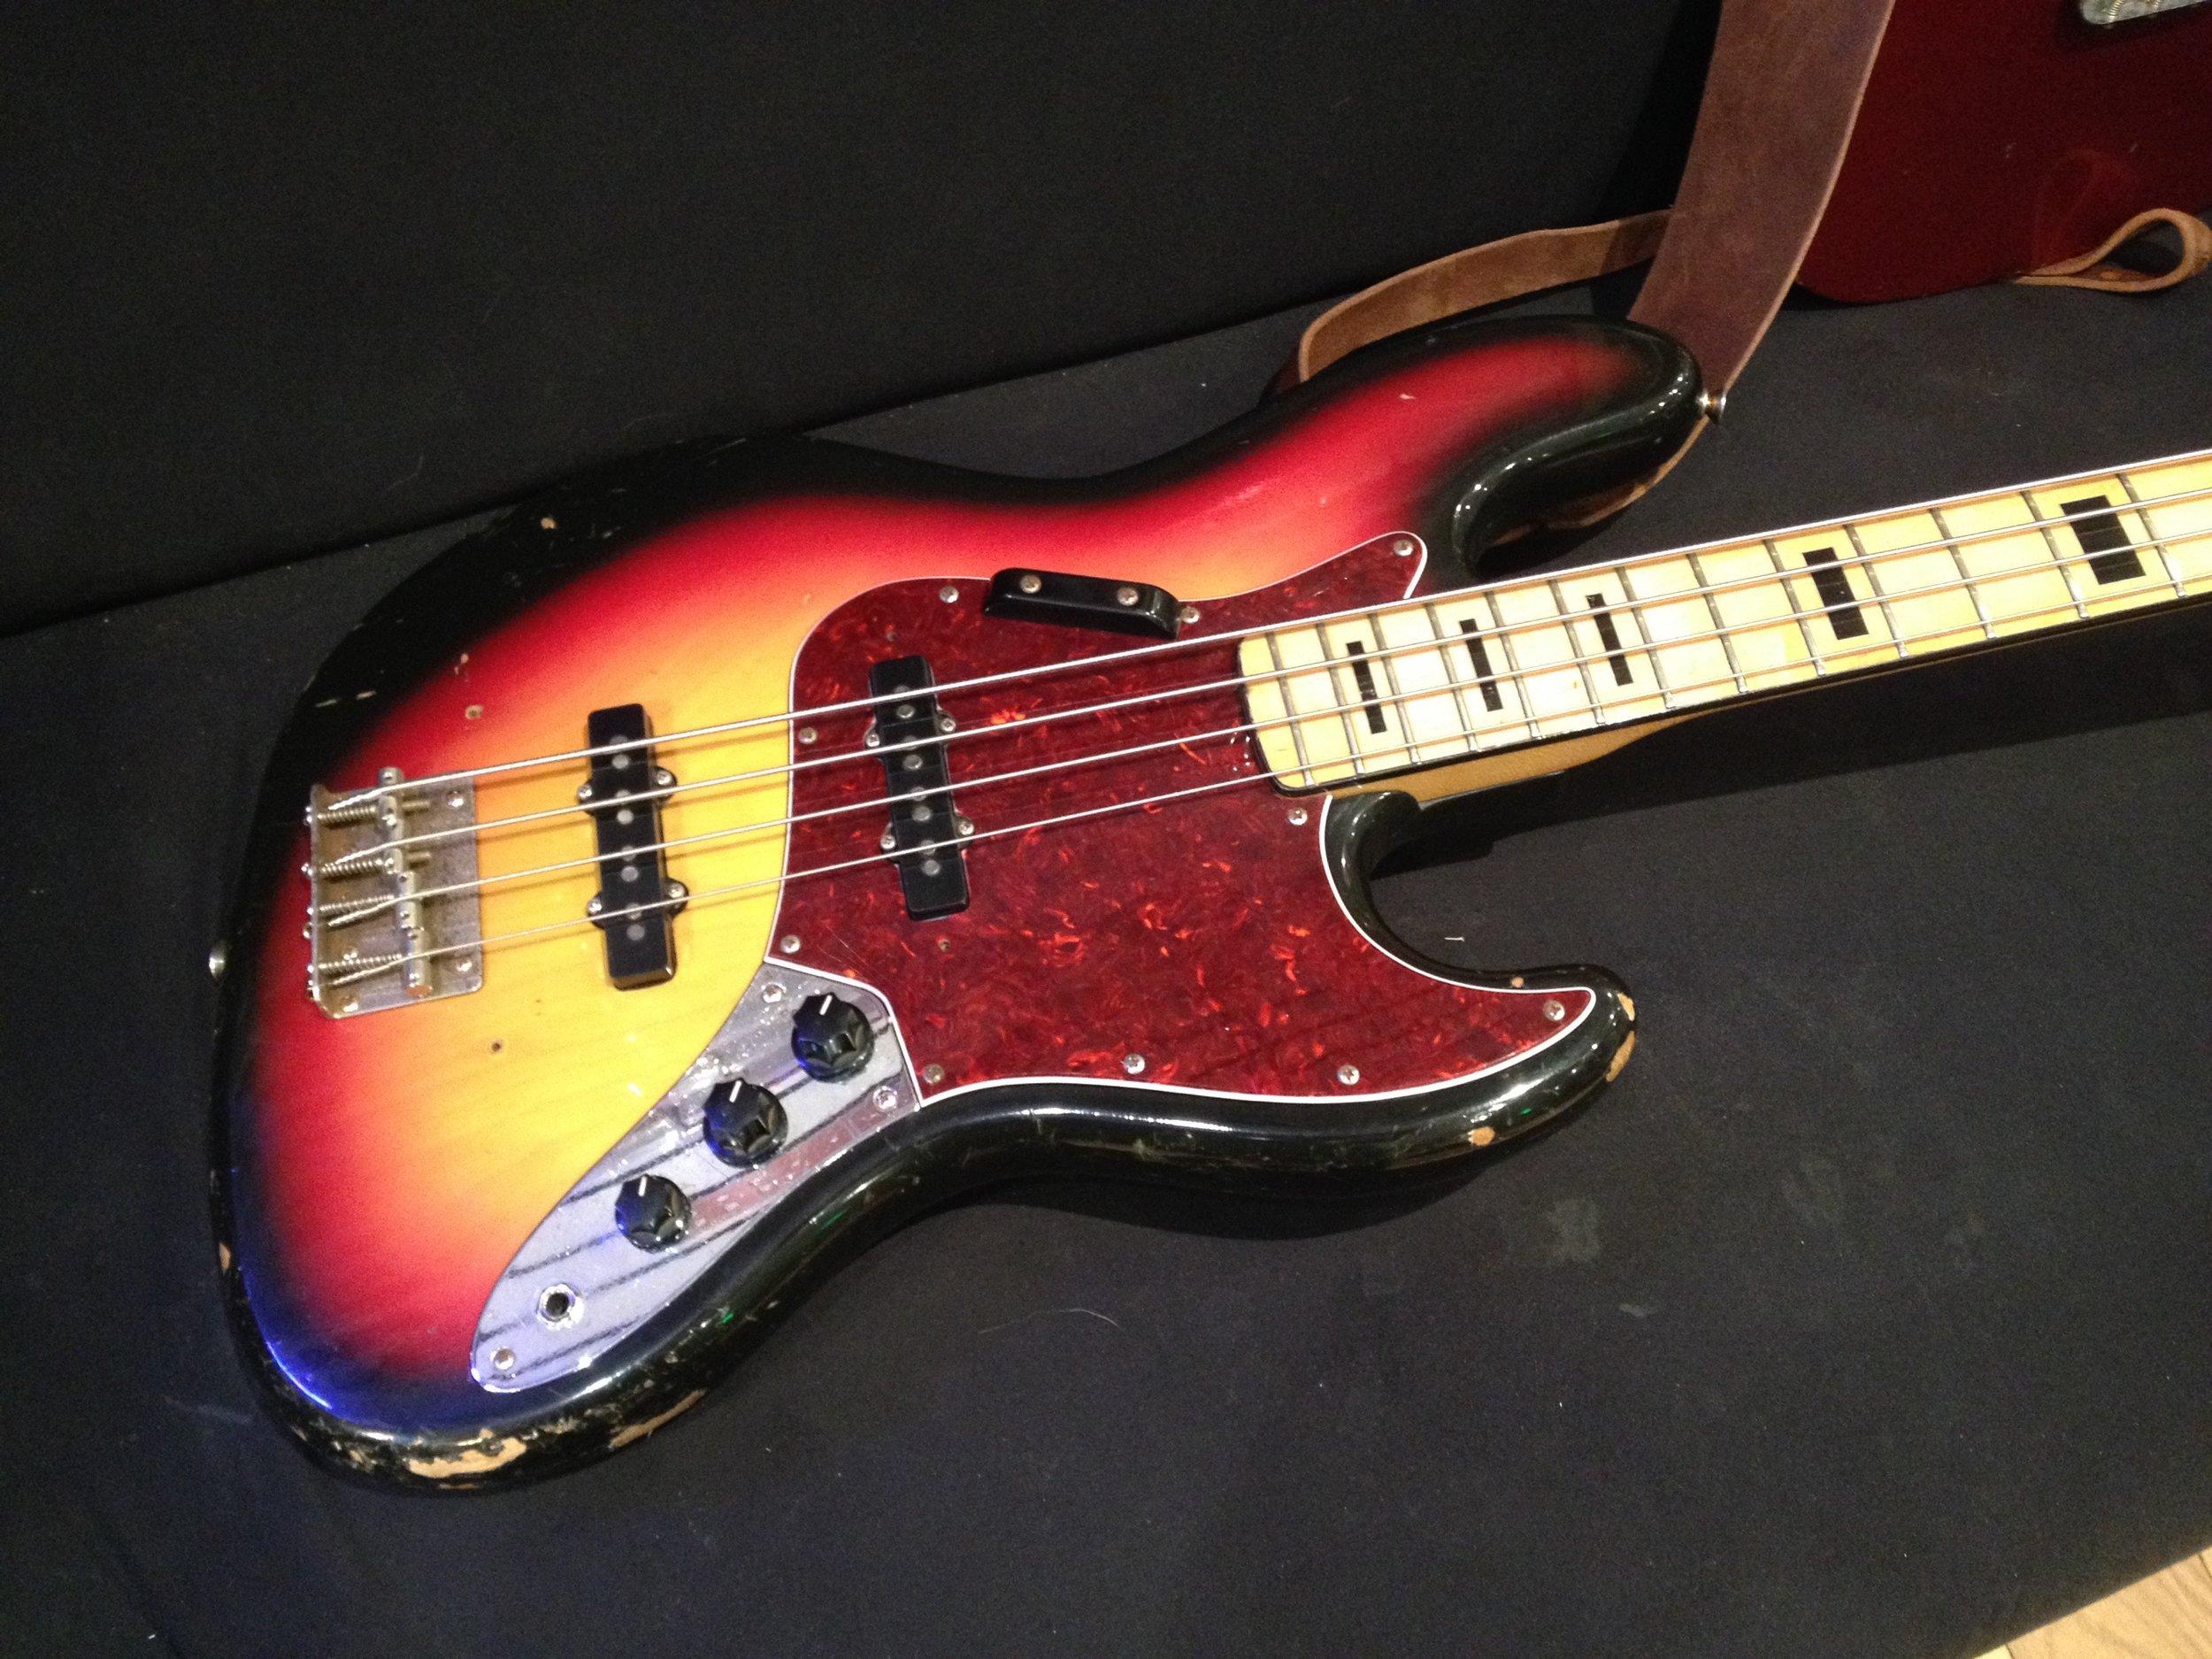 Retro bass guitar awesomeness!